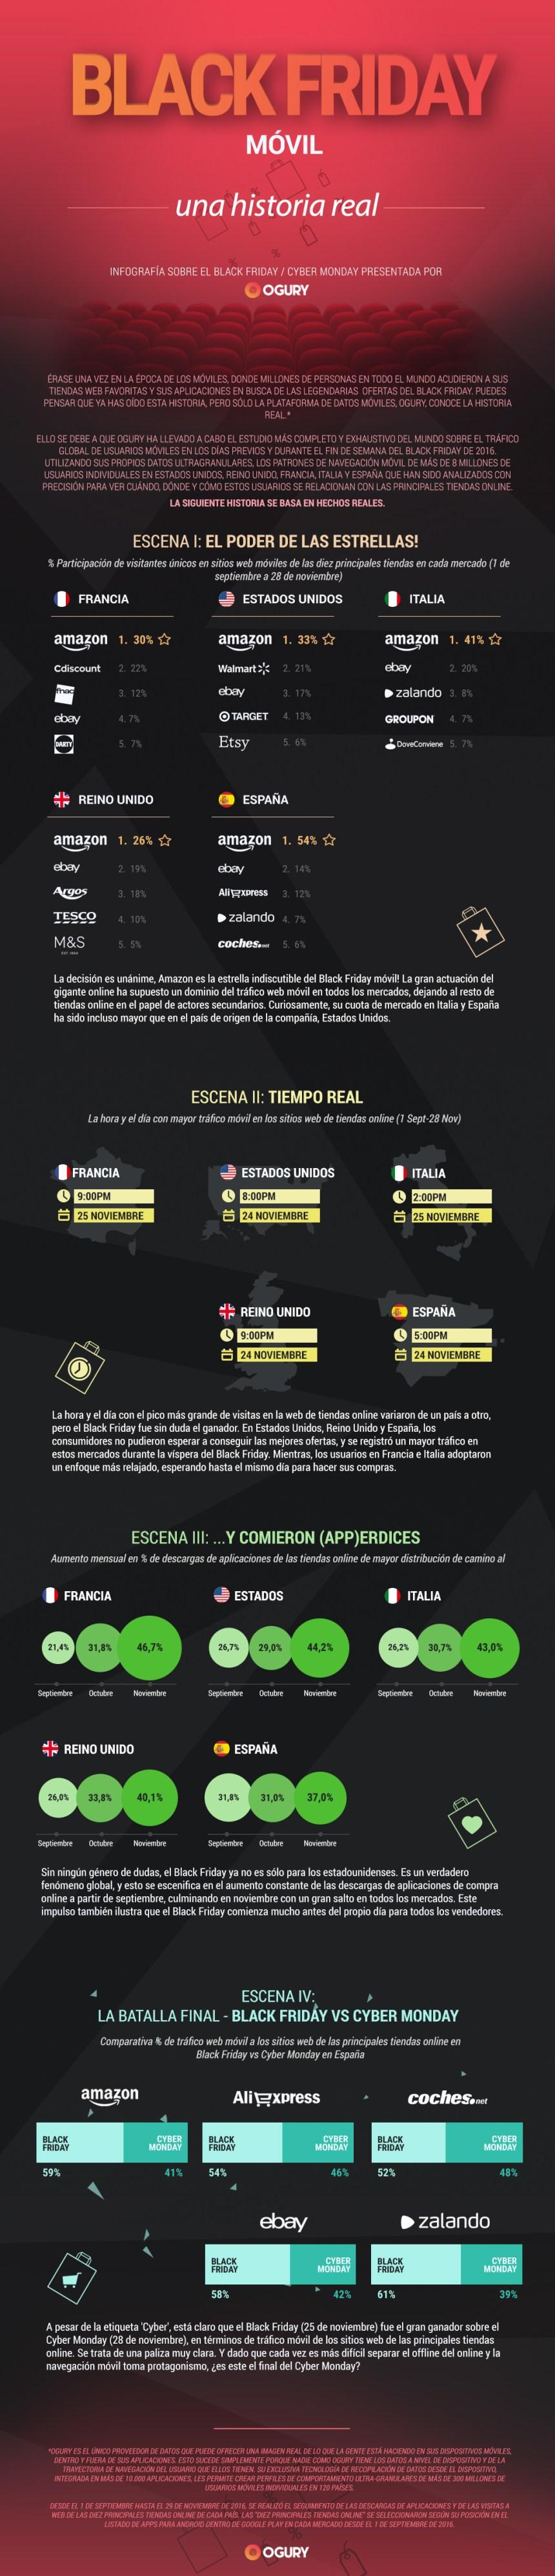 Resultados del Black Friday en España